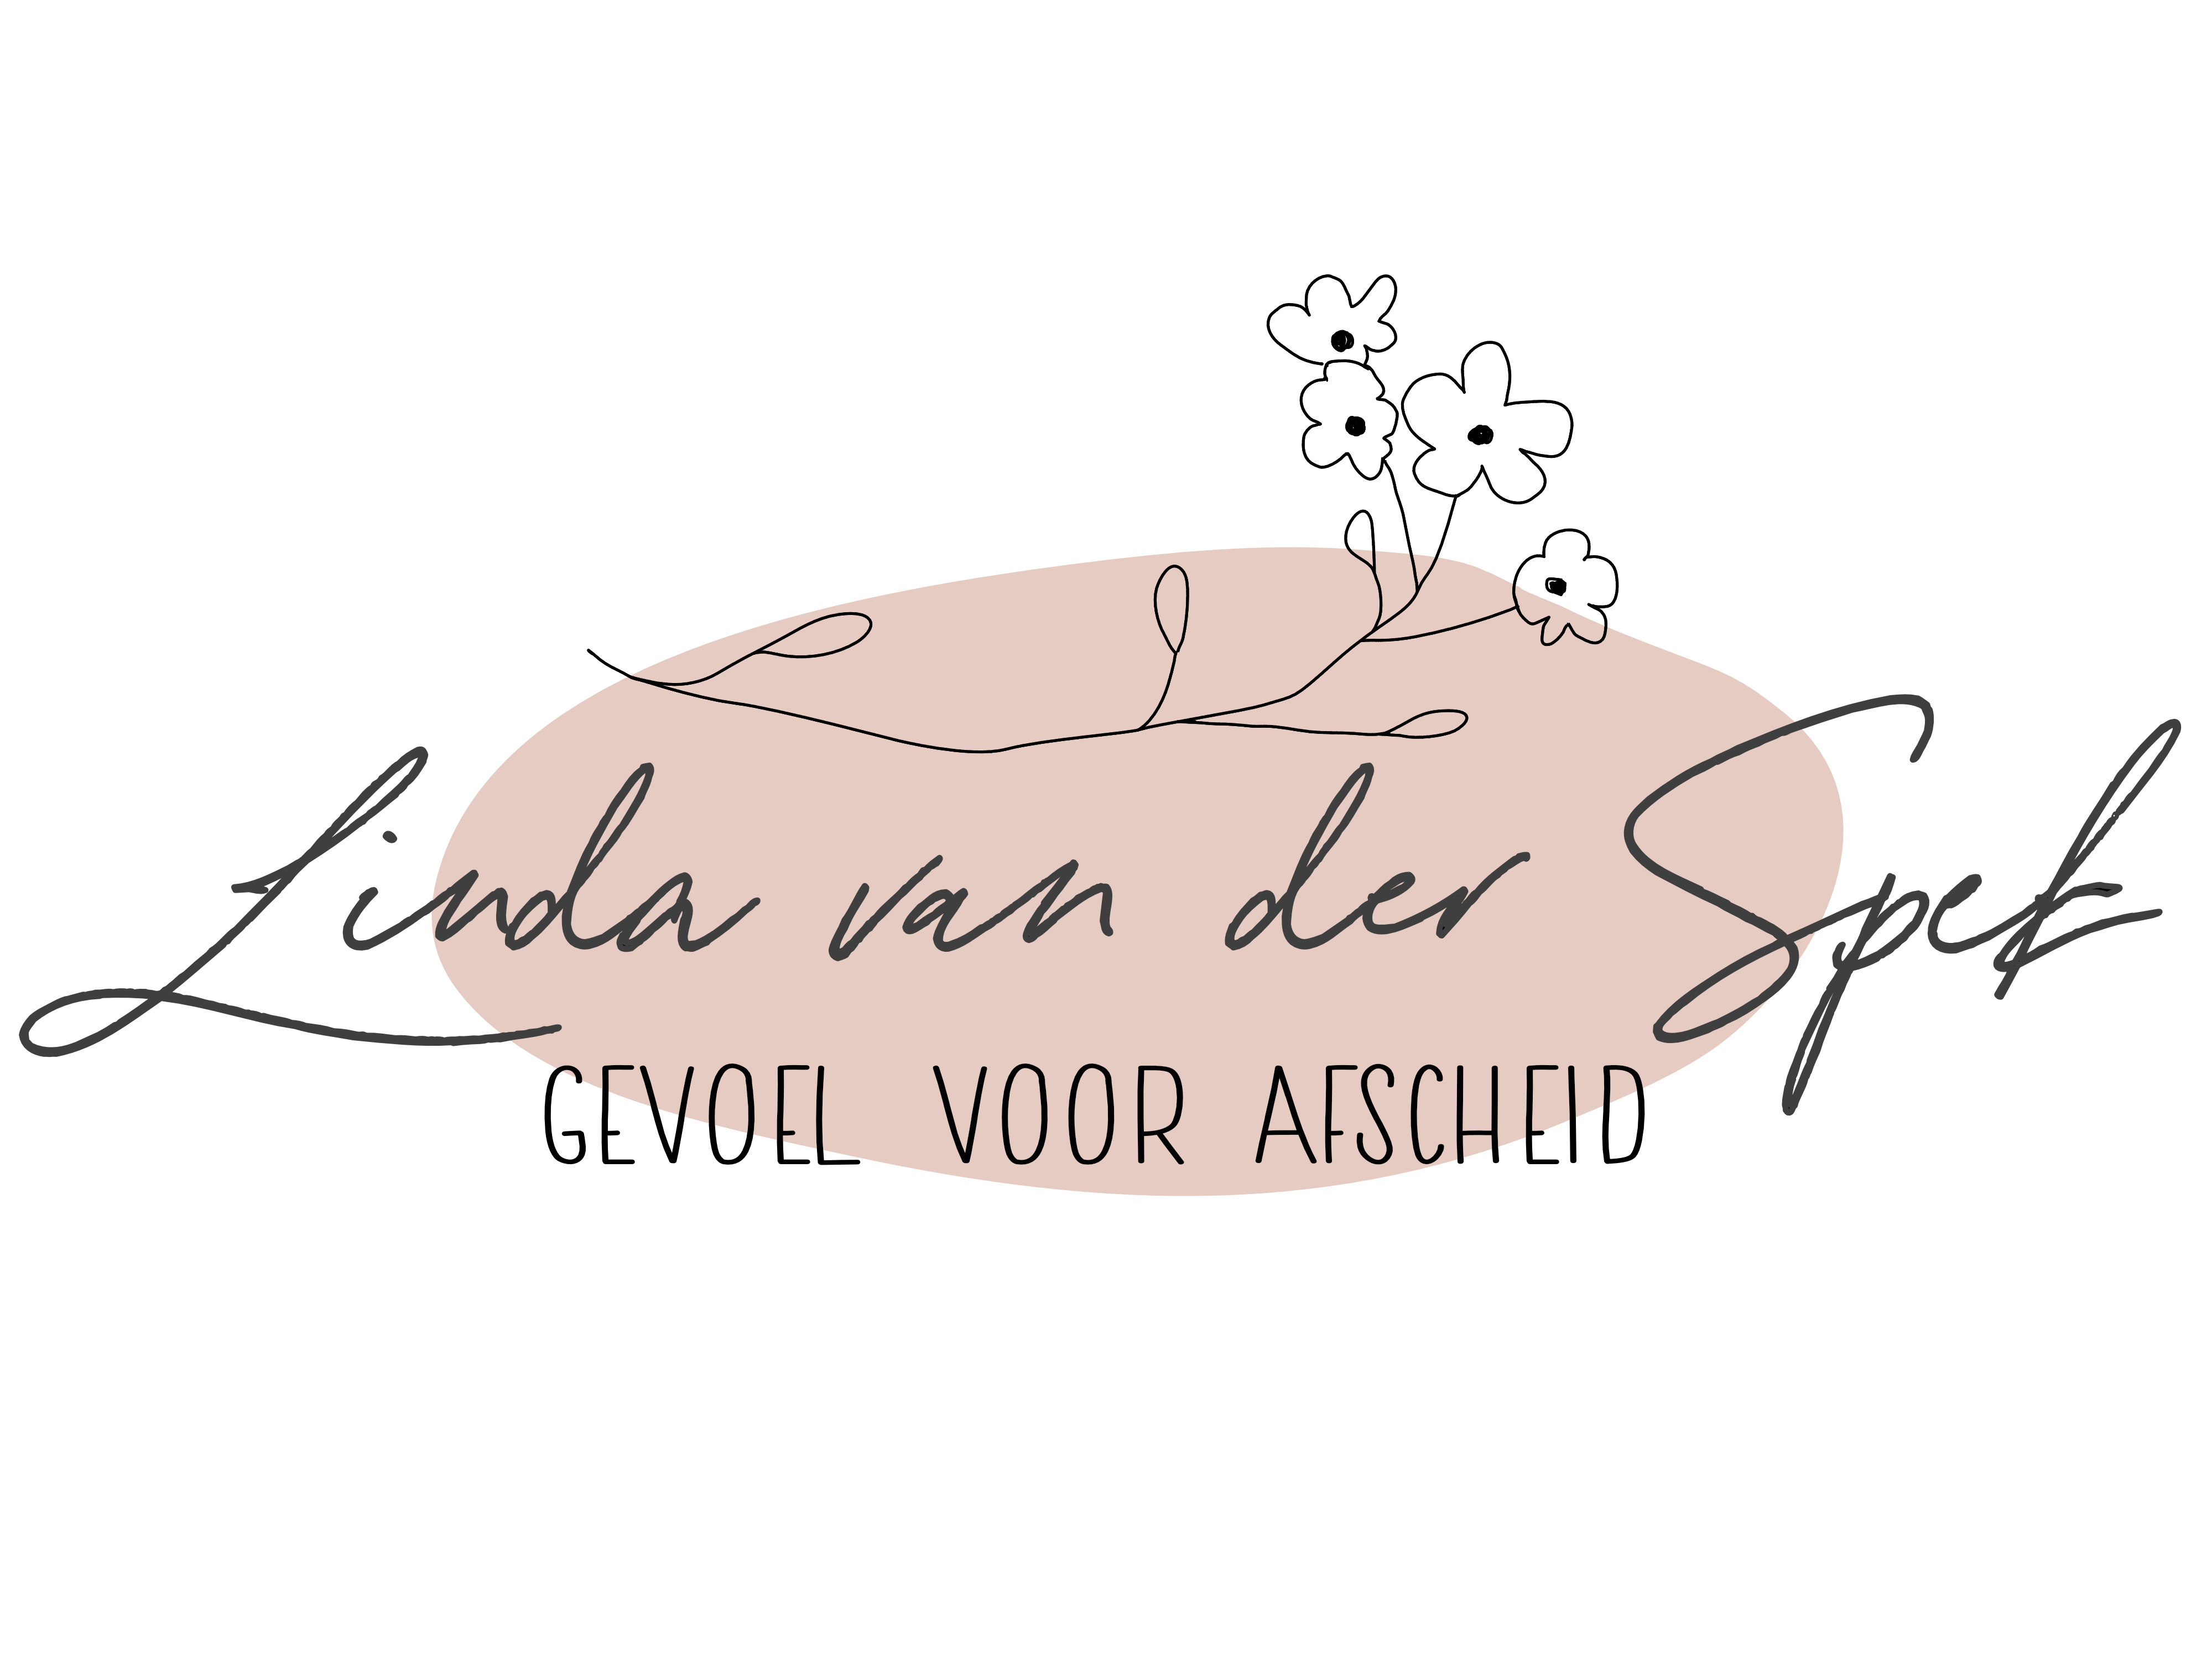 Linda van der Spek - Gevoel voor afscheid